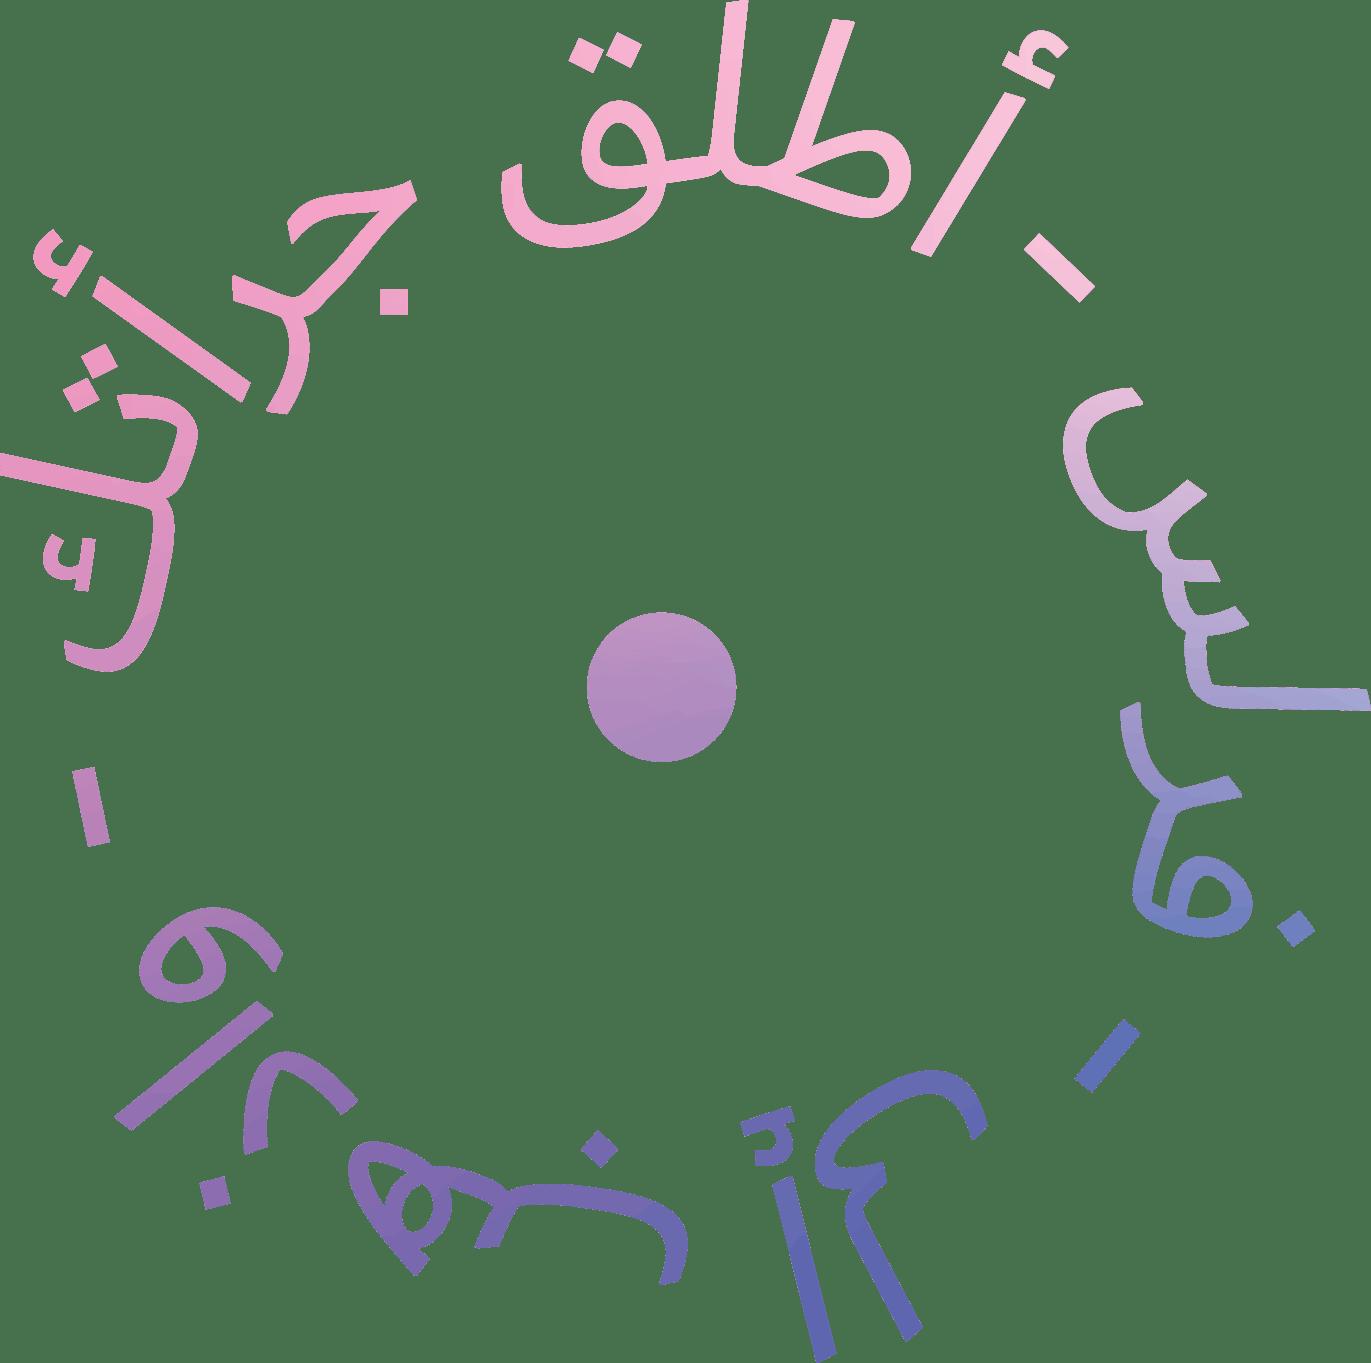 Daretogo_Arabic_Gradient-1